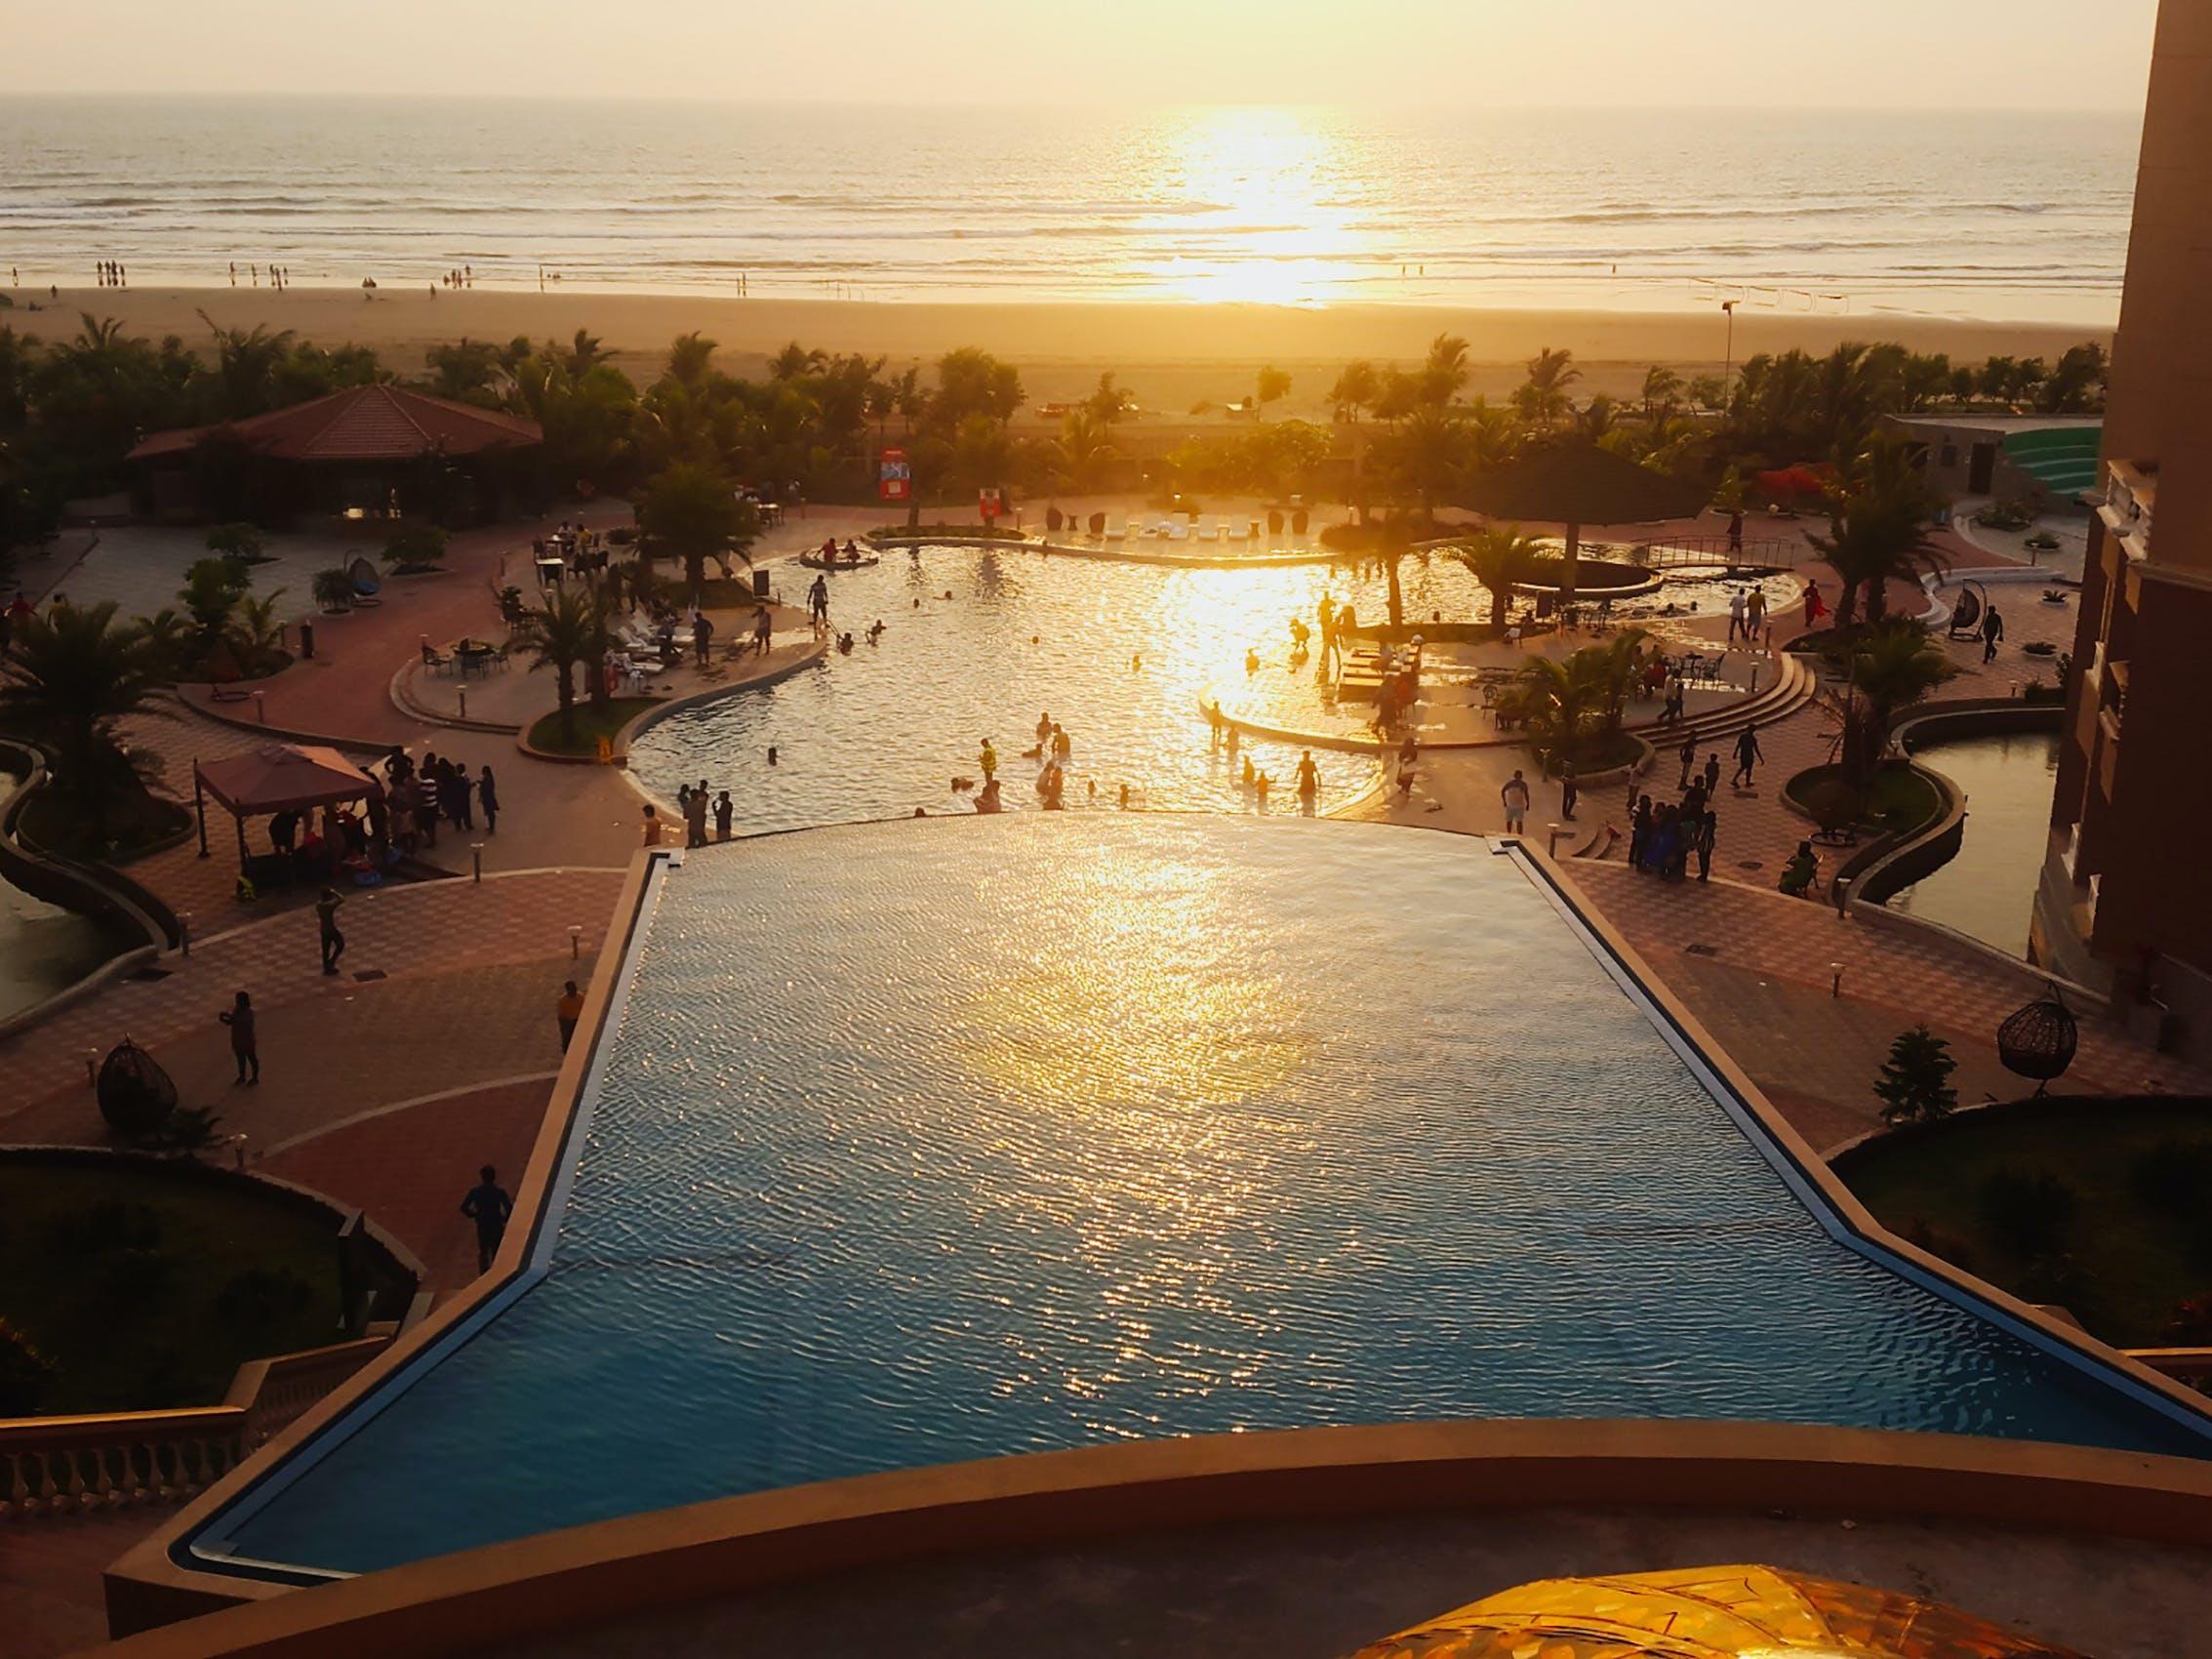 Free stock photo of beach, resort